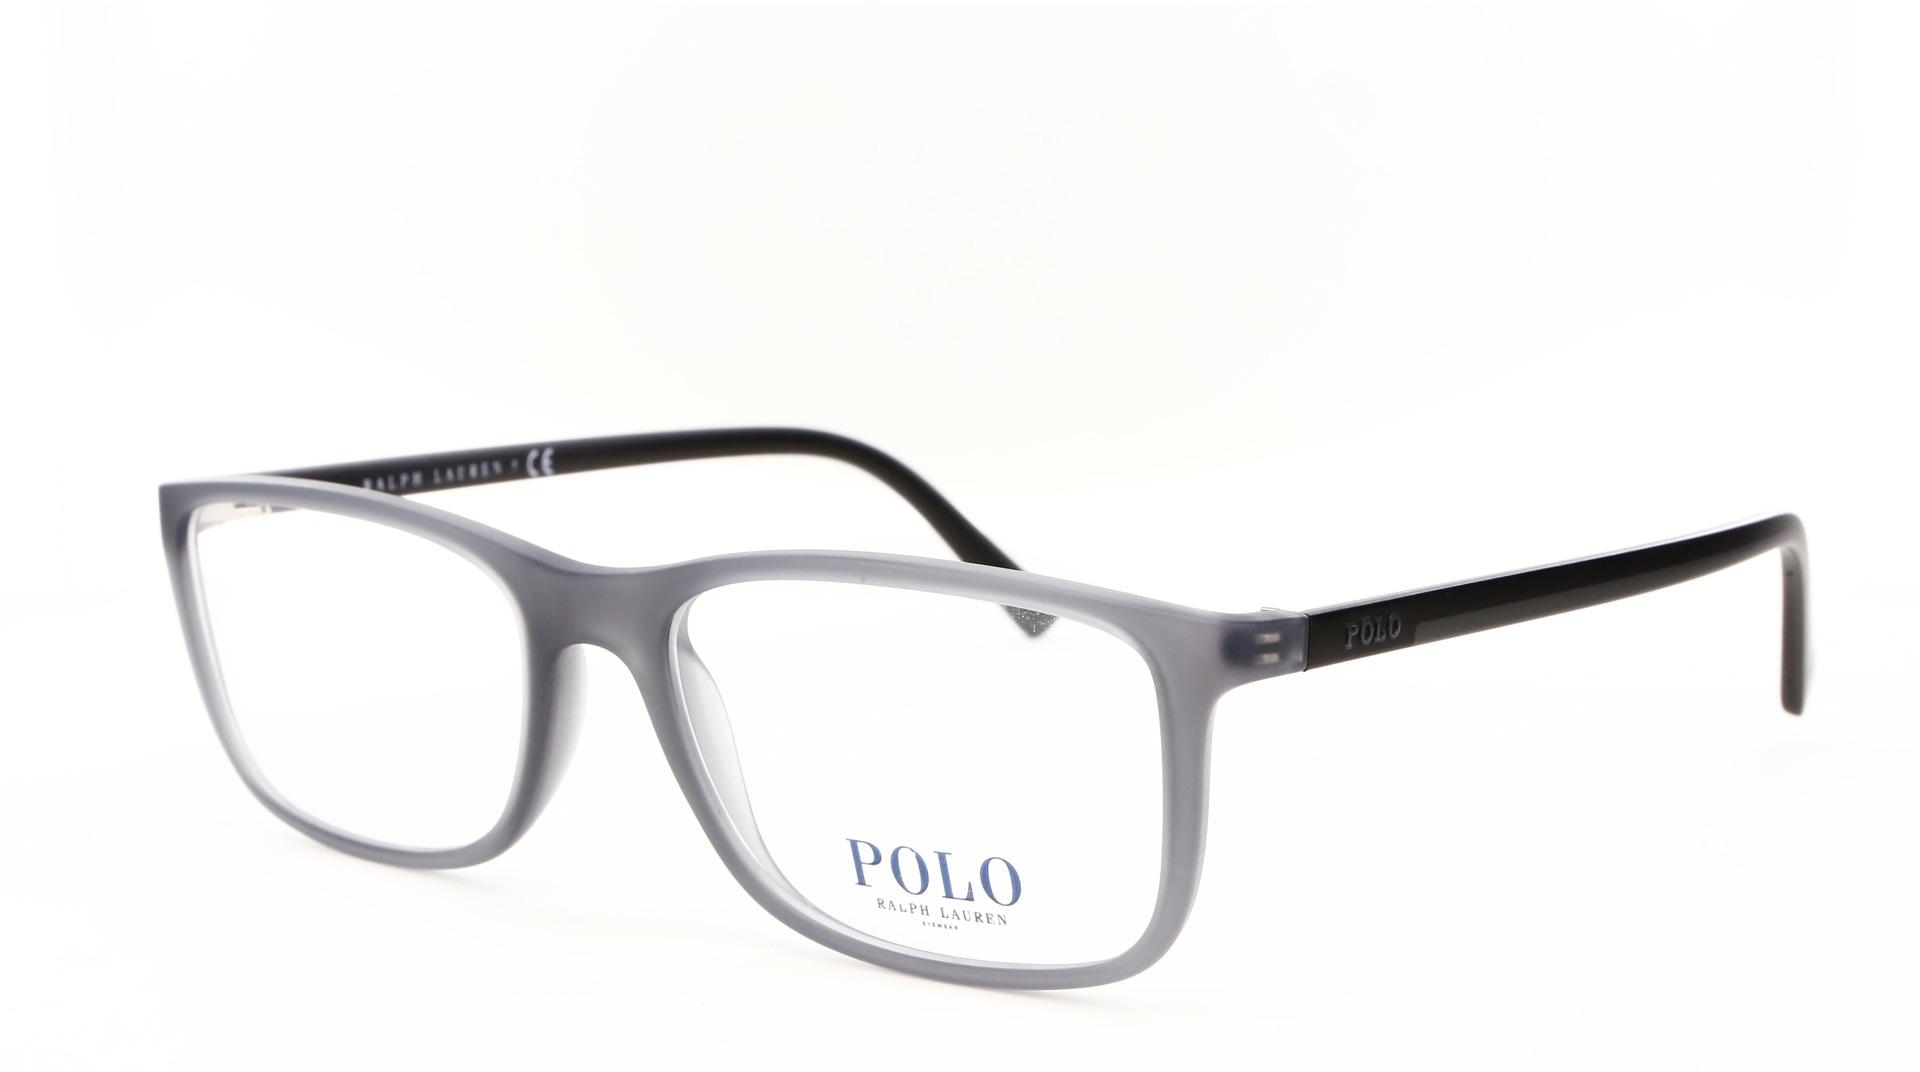 Polo Ralph Lauren - ref: 76361